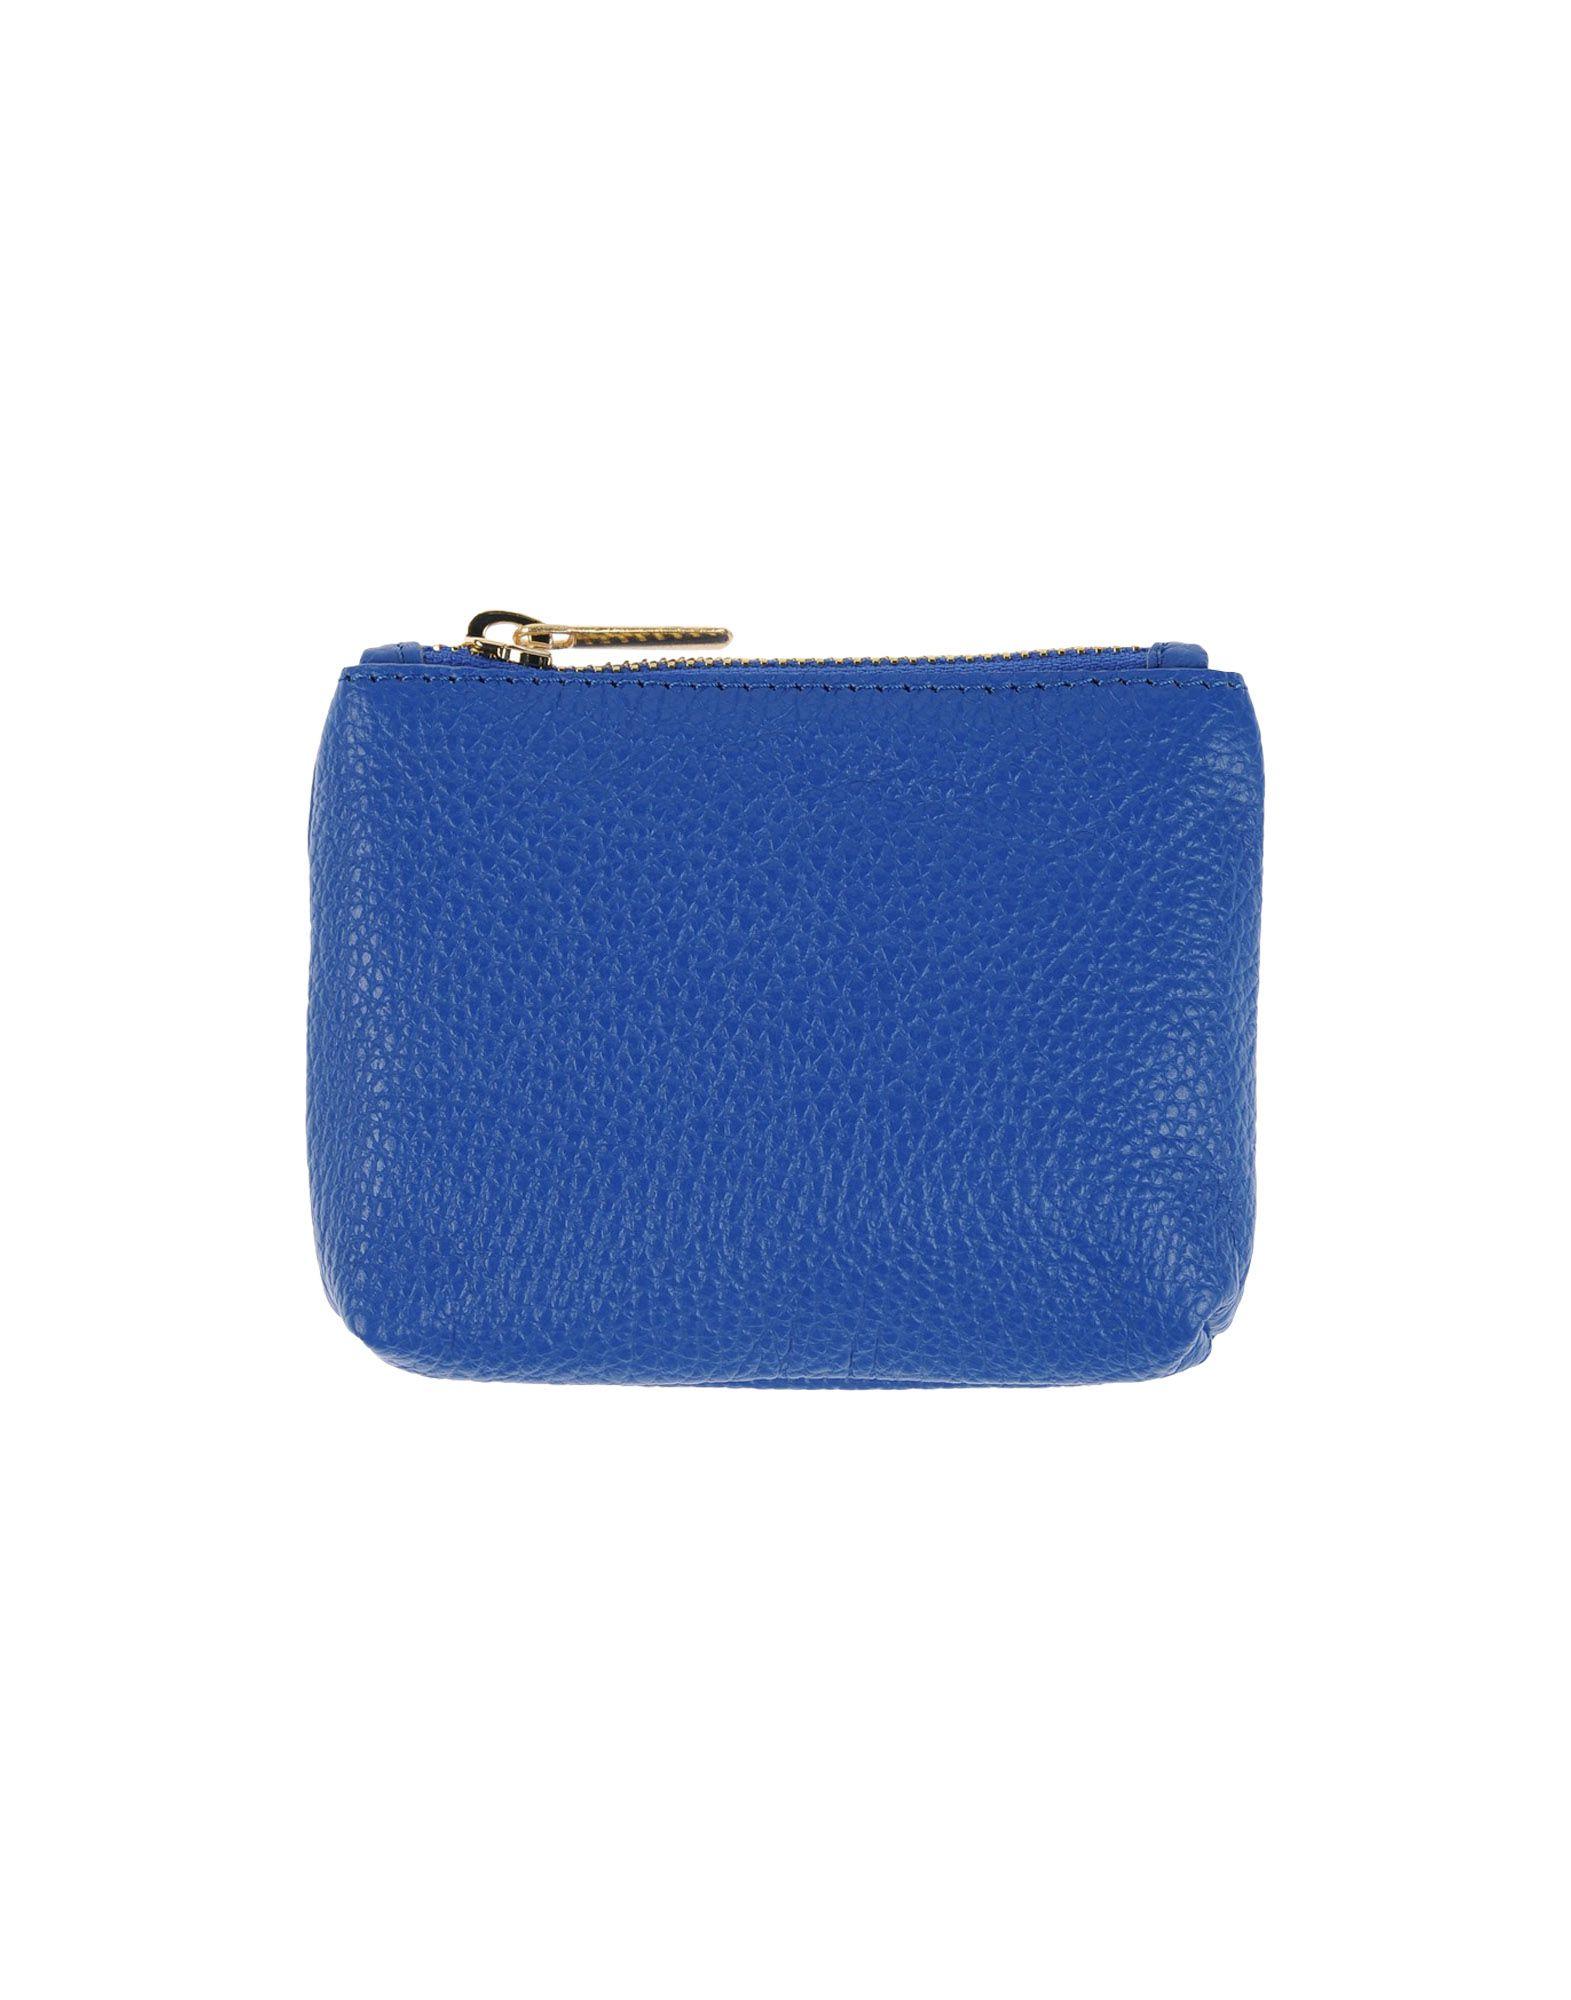 MANIFATTURE CAMPANE Damen Portemonnaie Farbe Blau Größe 1